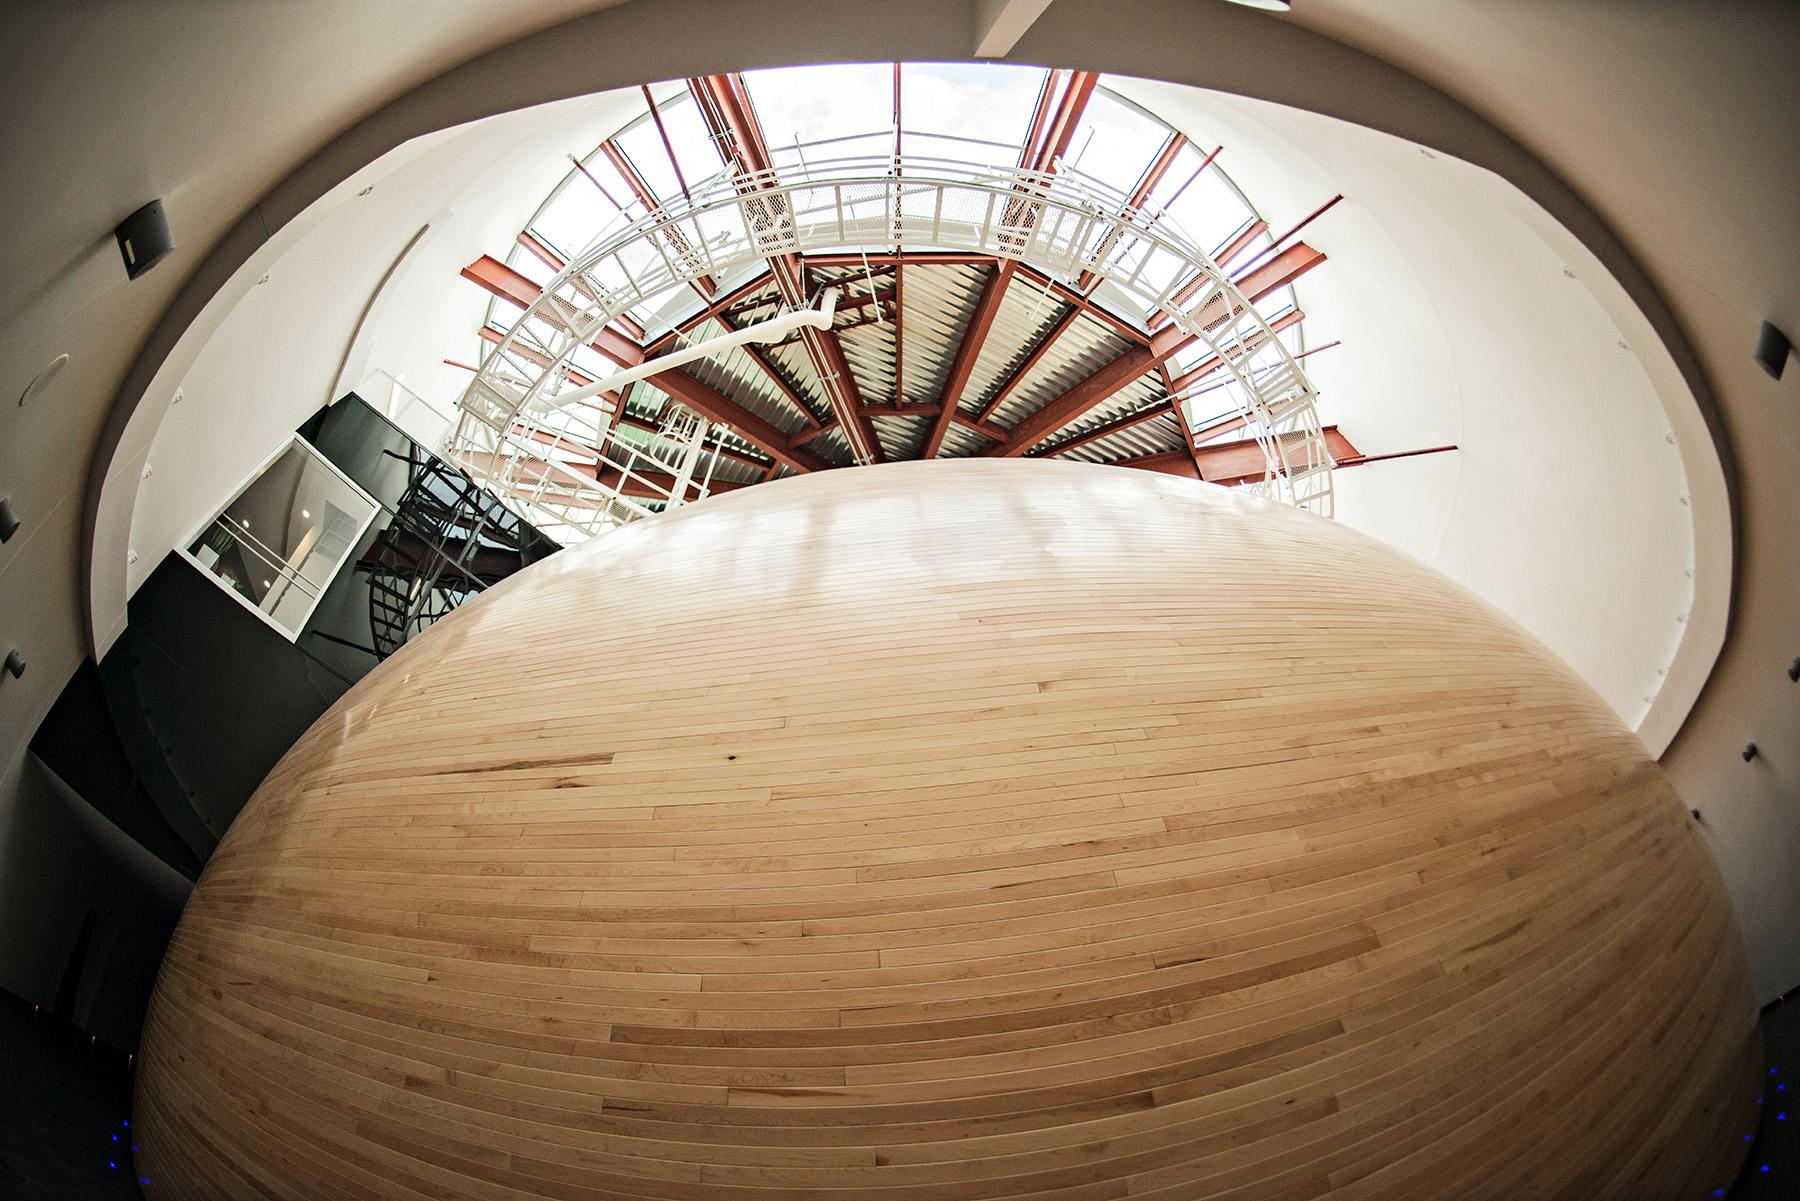 architectural-photography-montreal-planetarium-rio-tinto-alcan-008